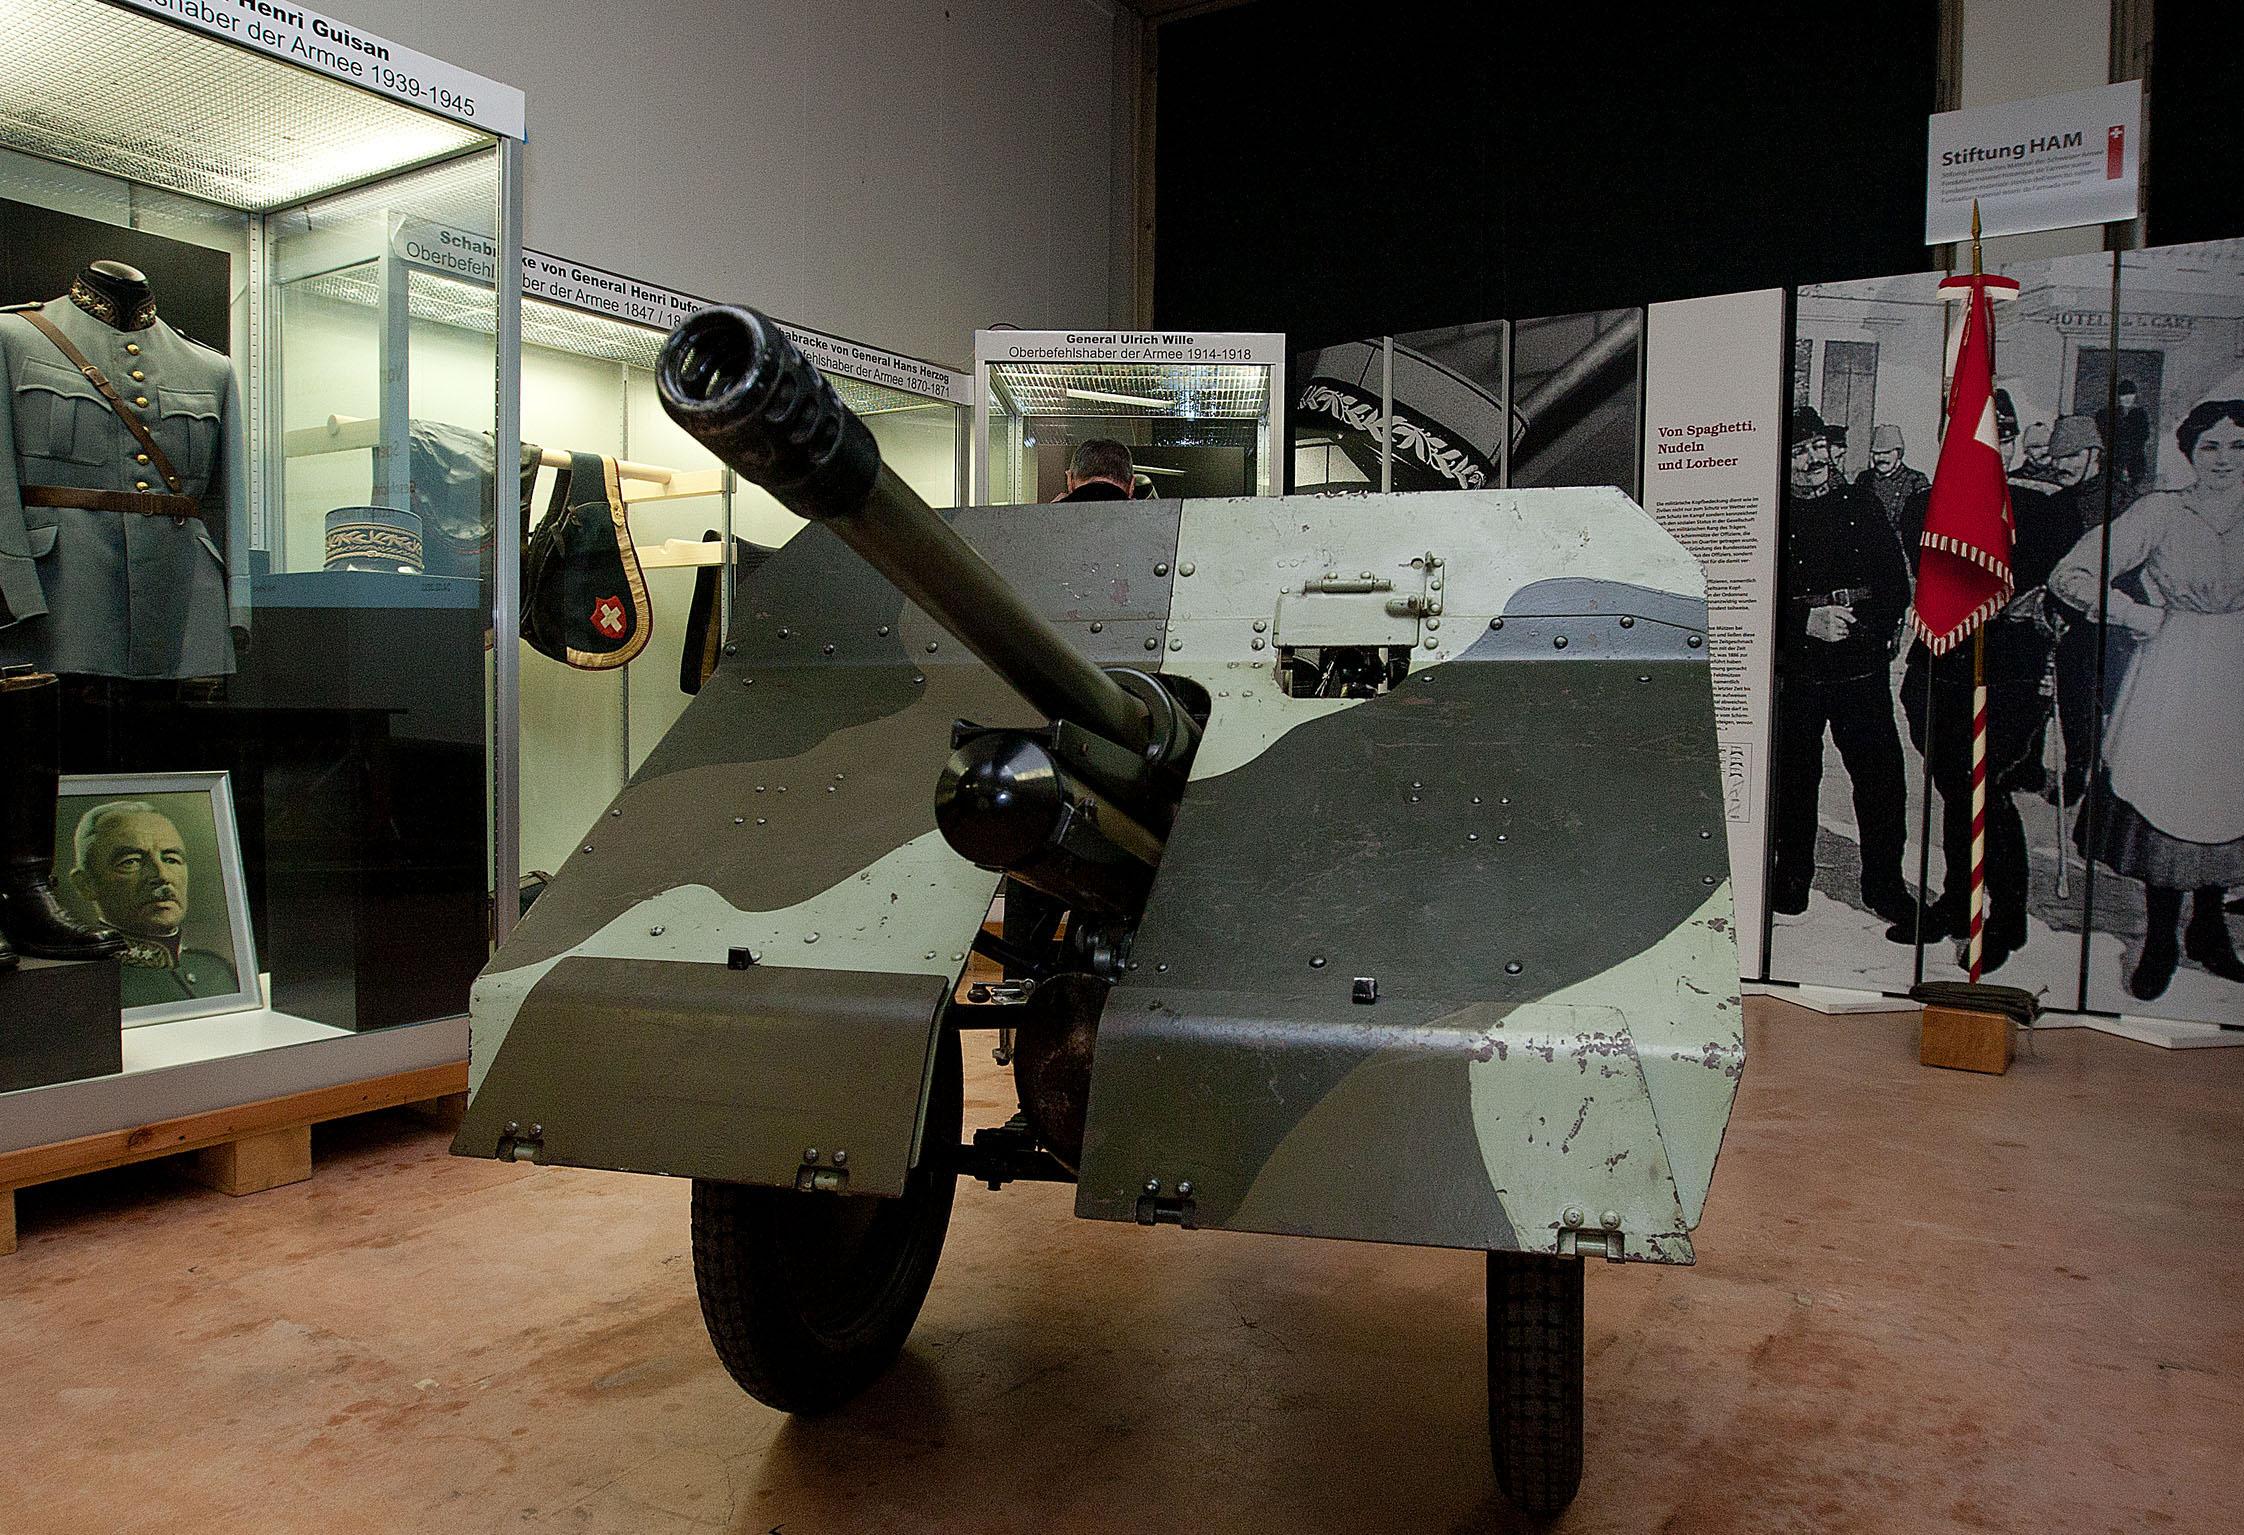 Die 4,7-cm-Infanteriekanone 1935/41 war in den aufgezeigten Sperren eine der meistvertretene Panzerabwehrwaffen.